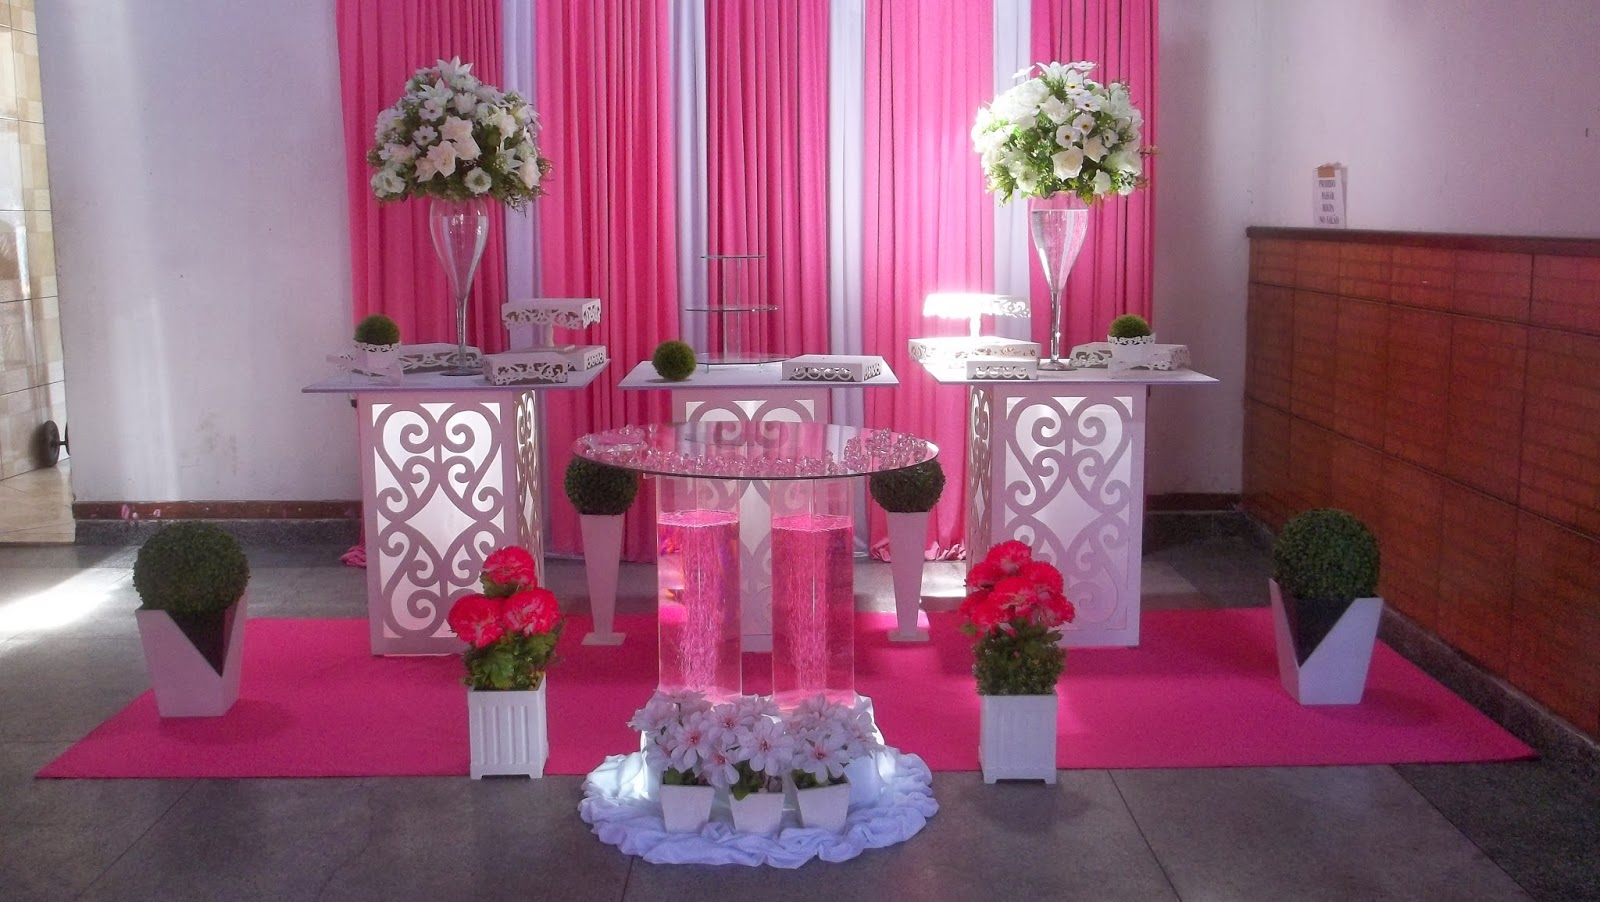 Anos  Rosa e lilás  Dilúcia Festas Decoração Infantil e Social